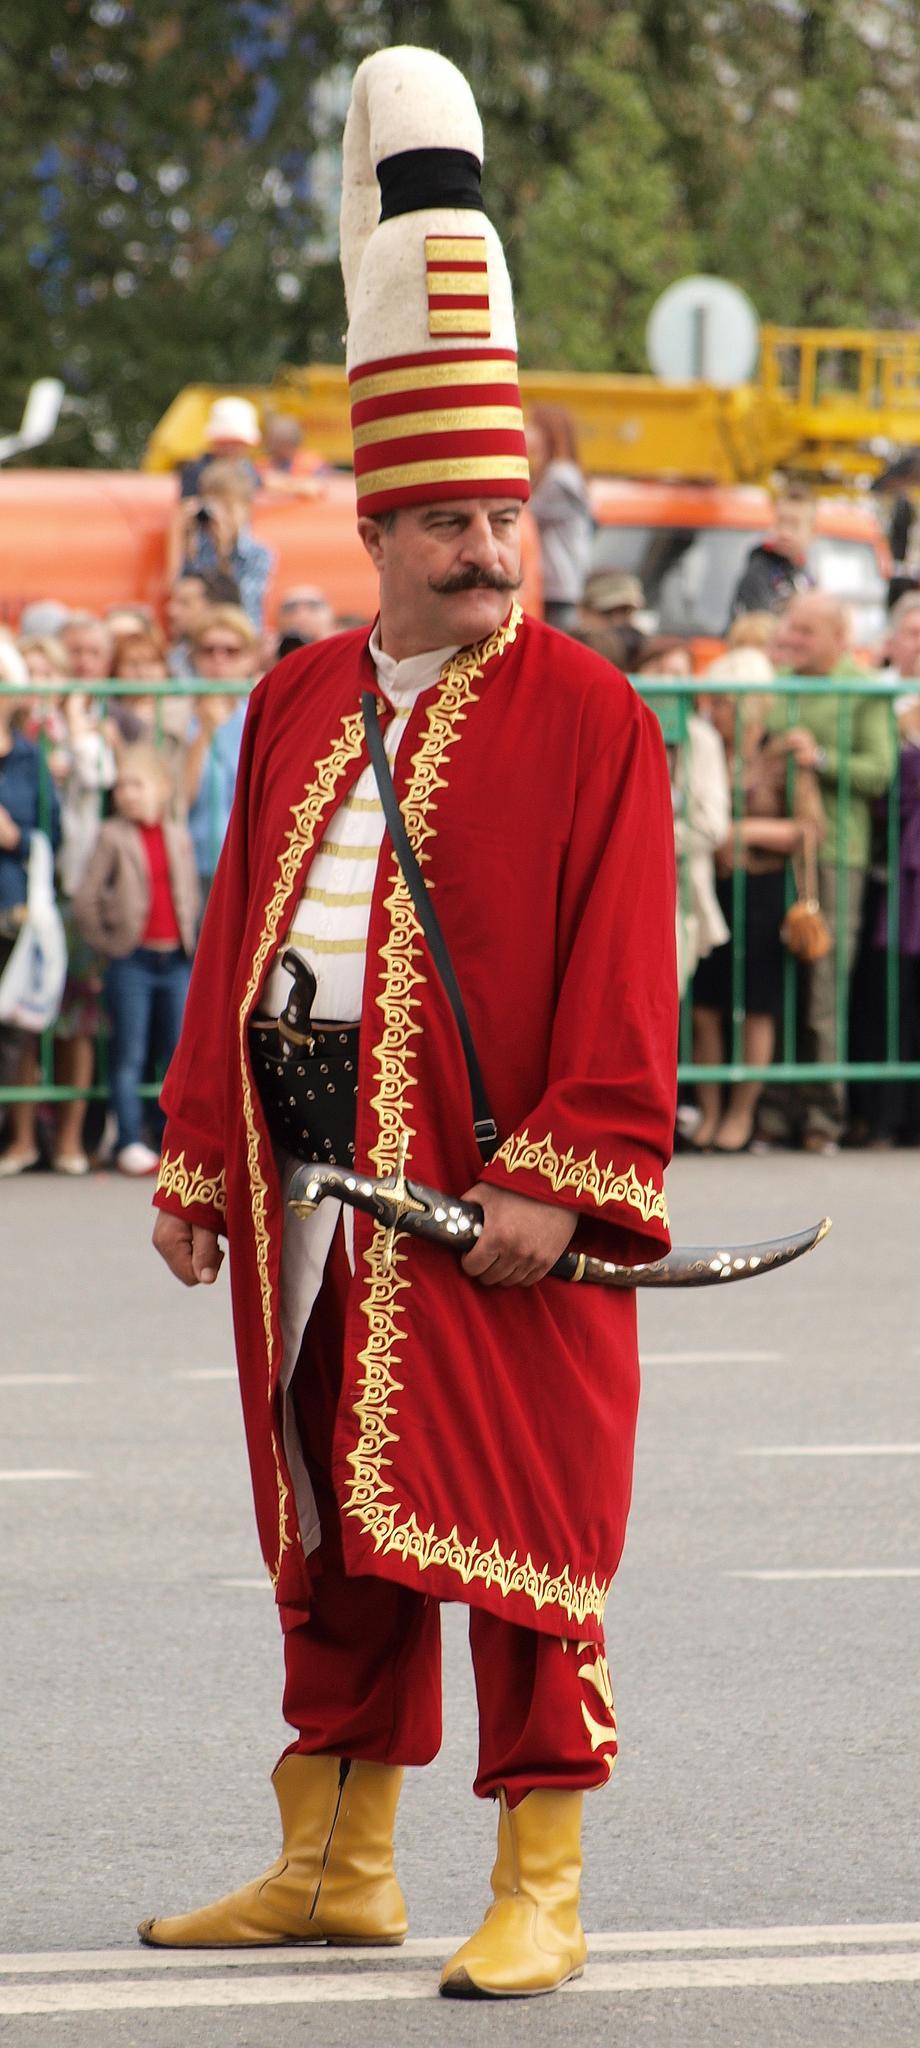 Главный янычар оркестра «Мехтер» города Изник. Турция. Фотография Малец Михаила Георгиевича